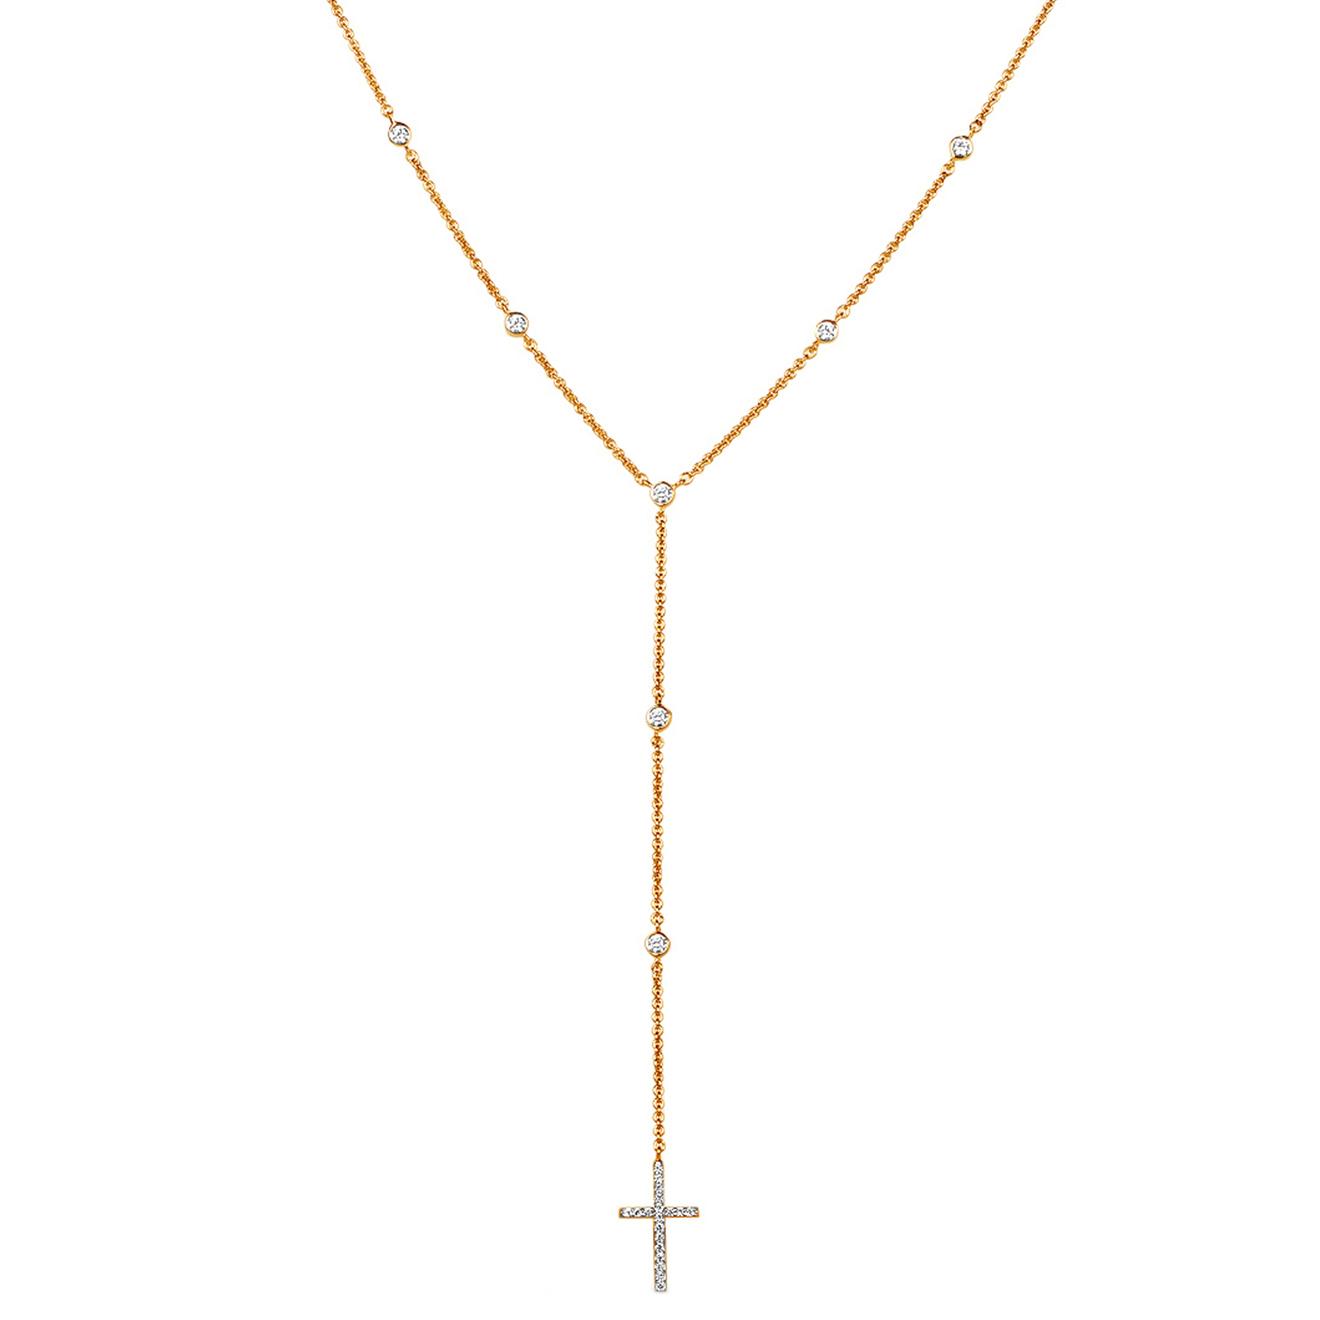 LAVZ Позолоченное колье с крестом Long Drop, из коллекции Crosses